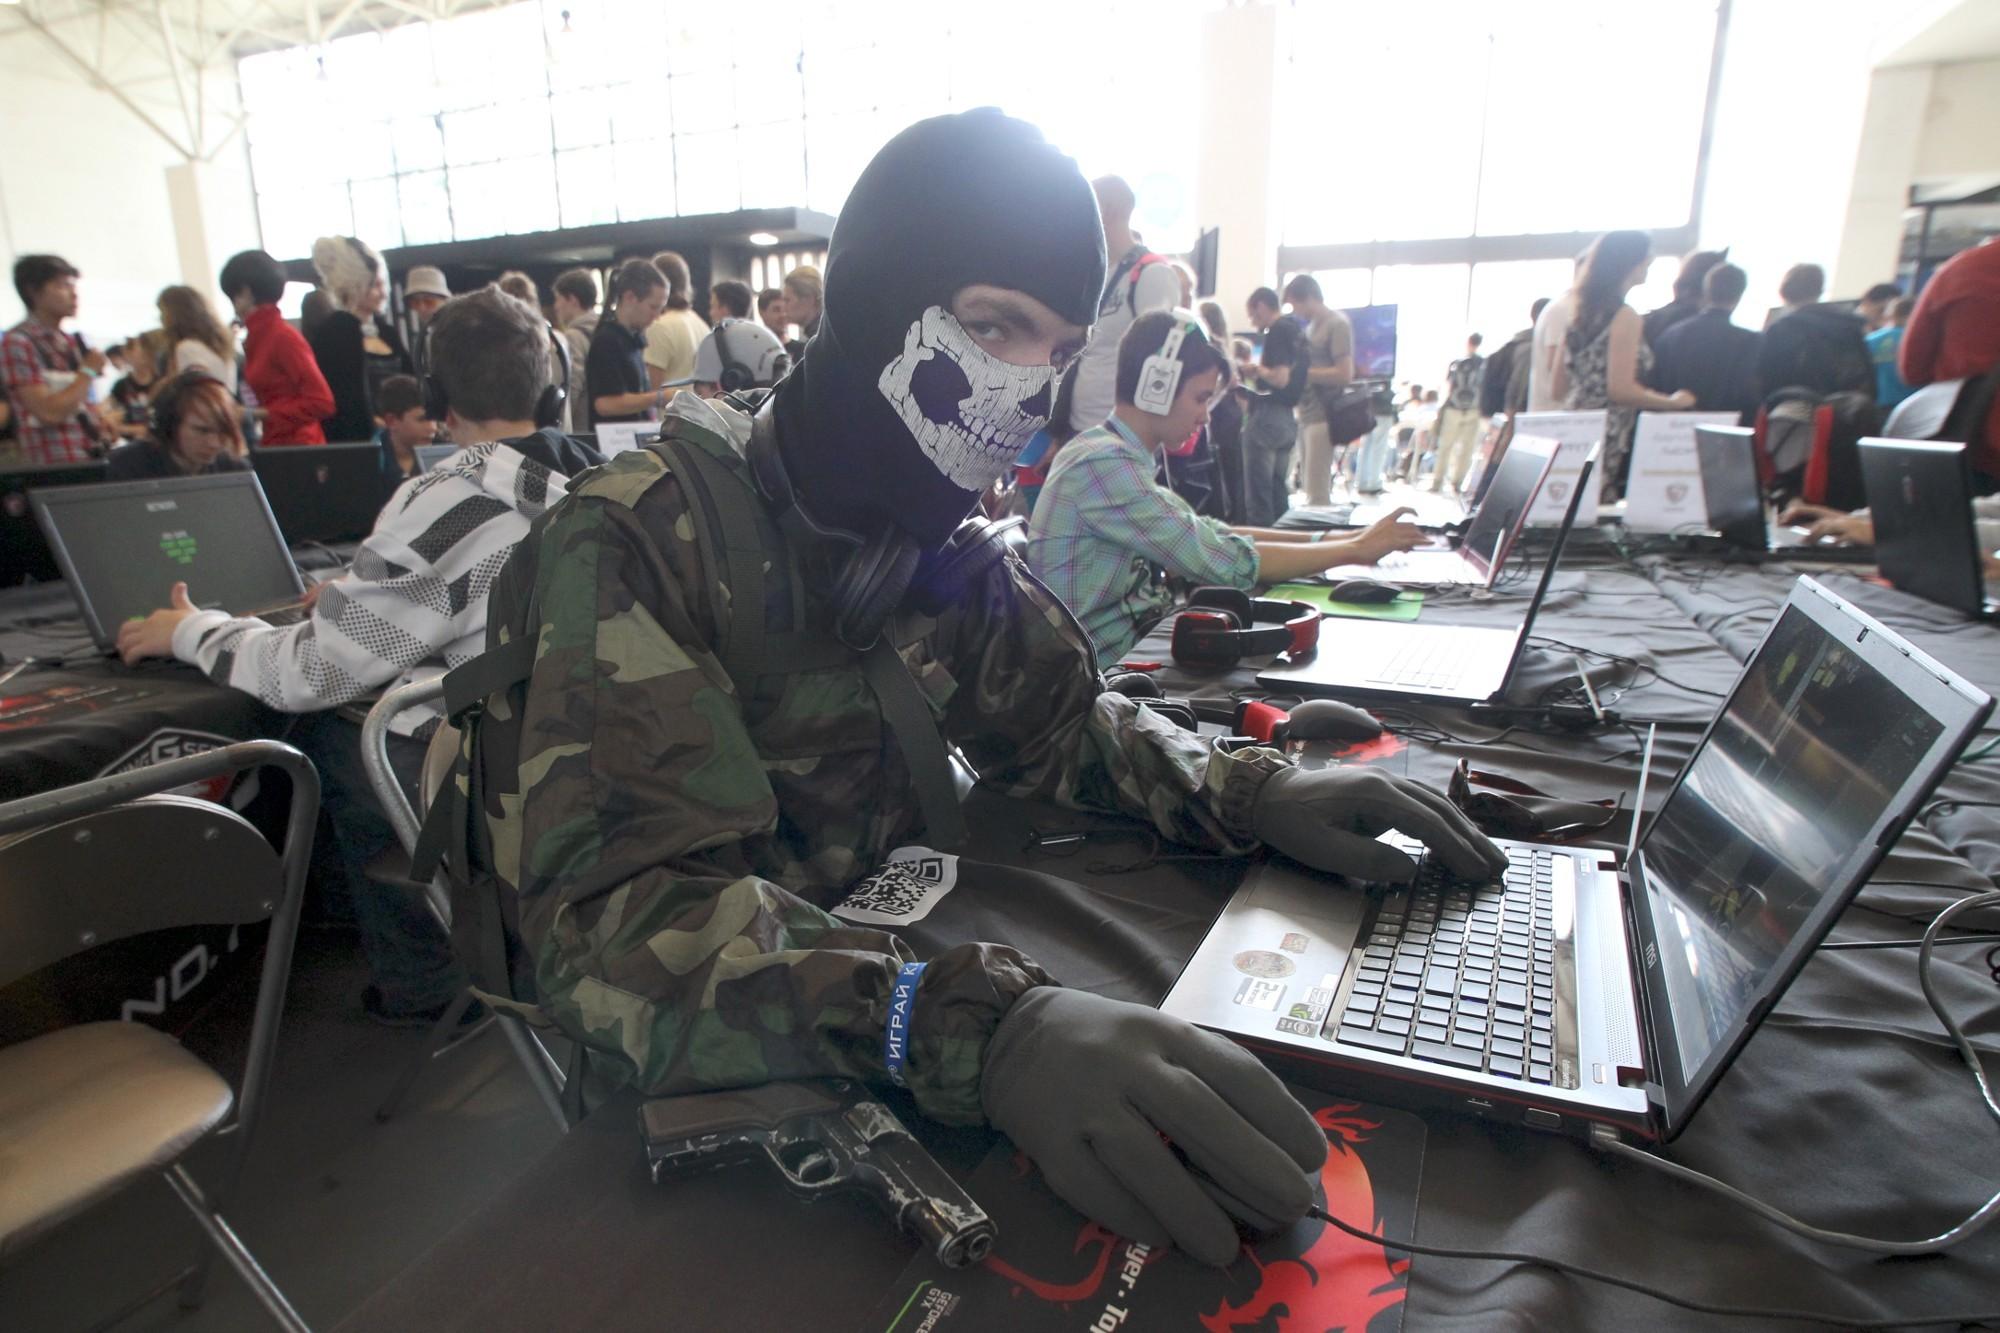 хакер взлом киберпреступность информационная безопасность пистолет маска